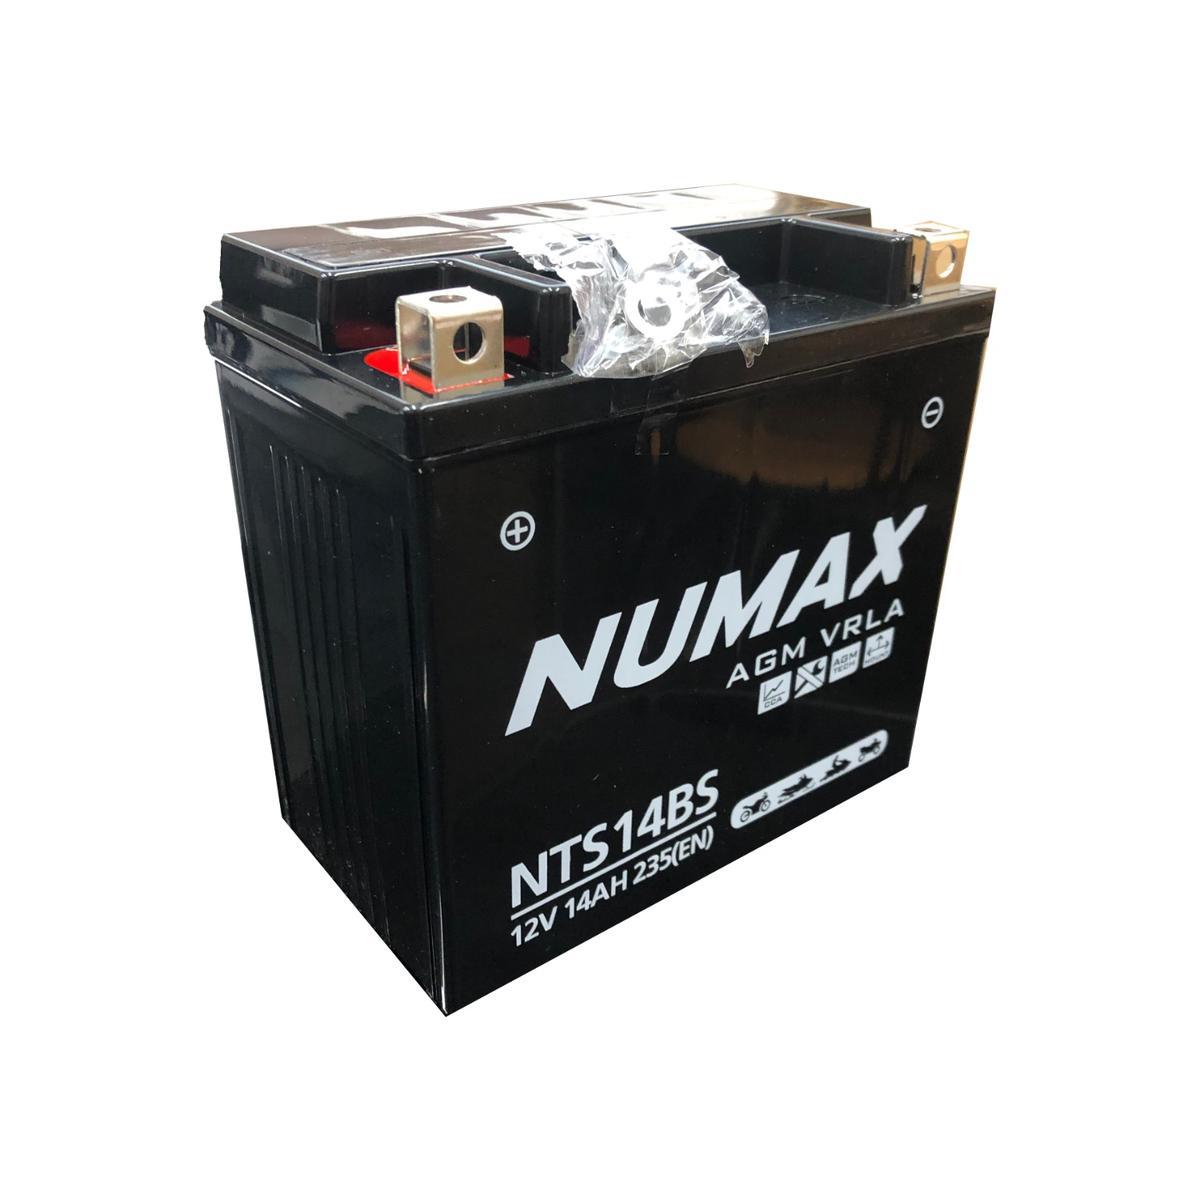 Numax NTS14BS 12v Motorbike Bike Battery KAWASAKI 1100cc ZX1100D YTX14-4